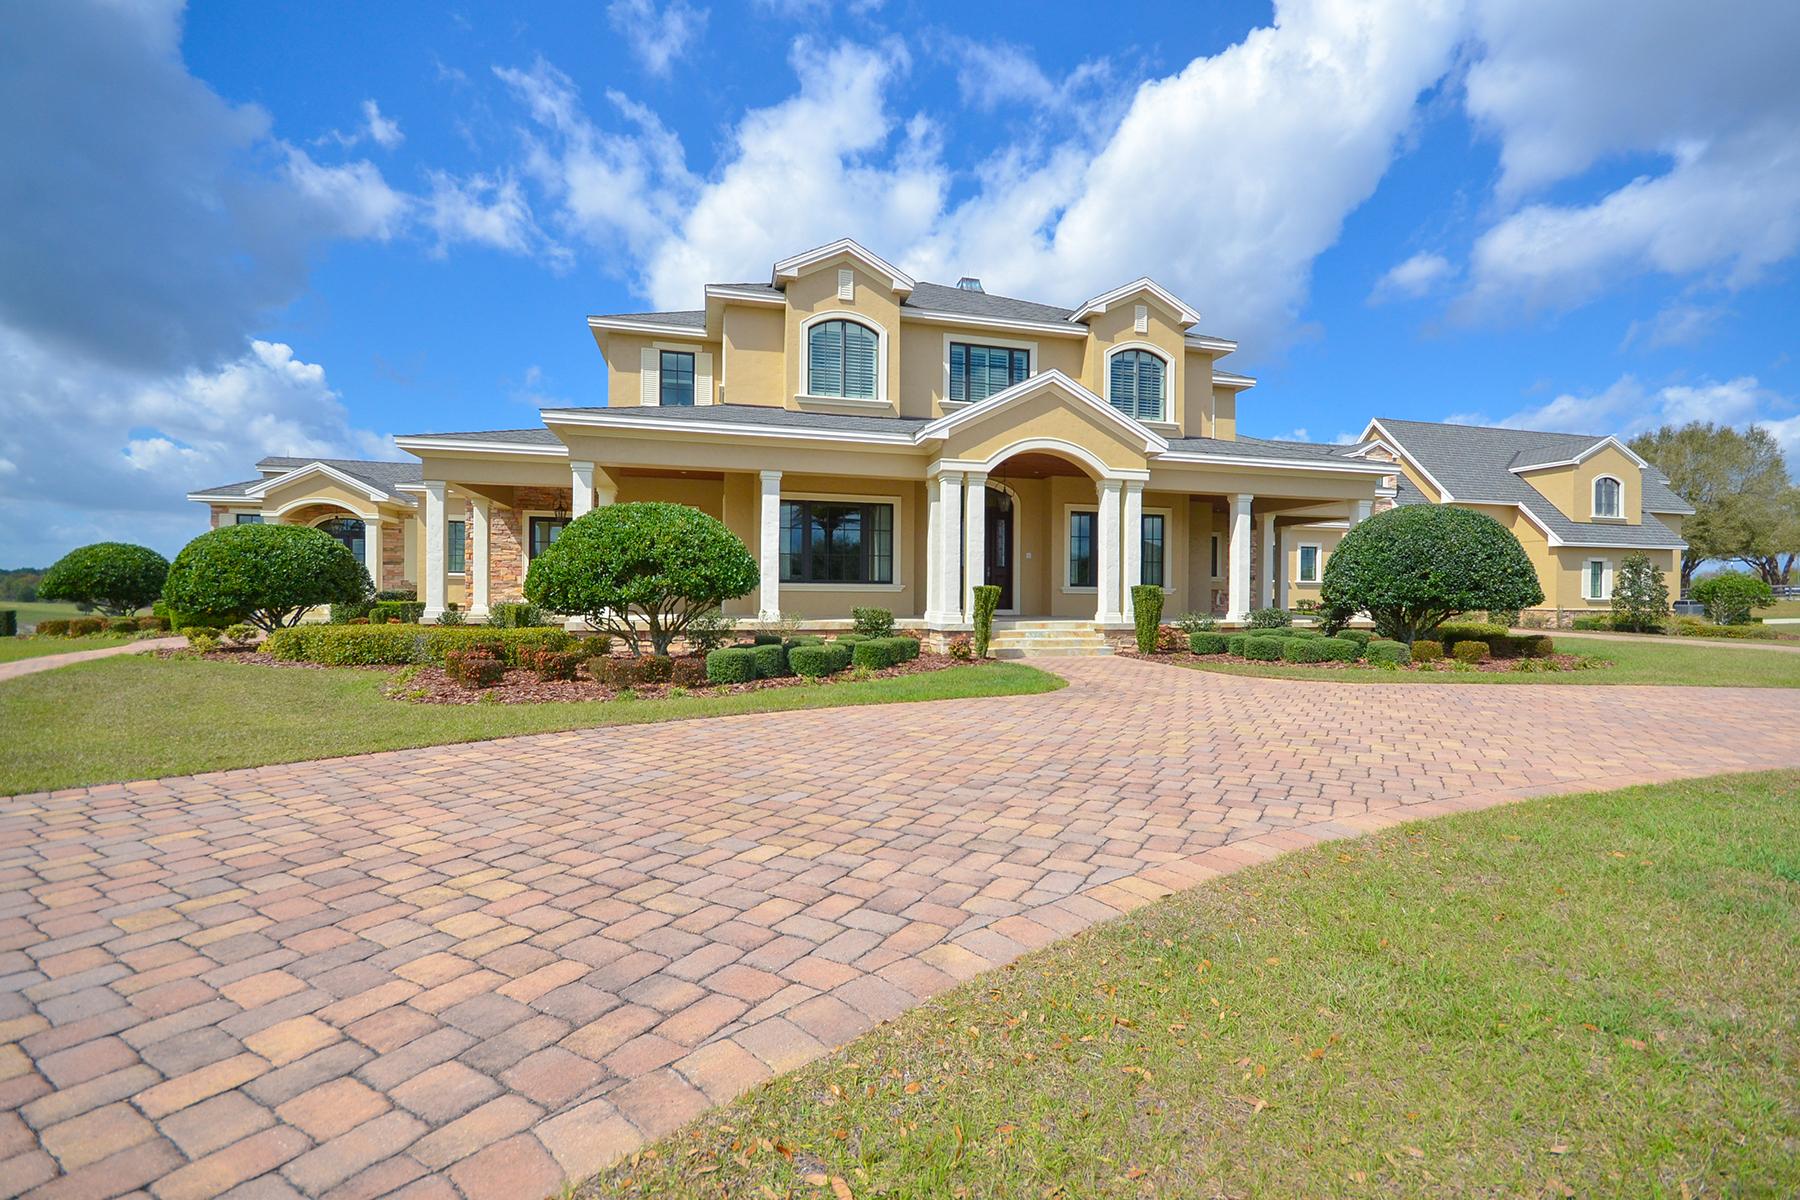 Casa Unifamiliar por un Venta en LADY LAKE 5650 Marion County Rd Lady Lake, Florida, 32159 Estados Unidos